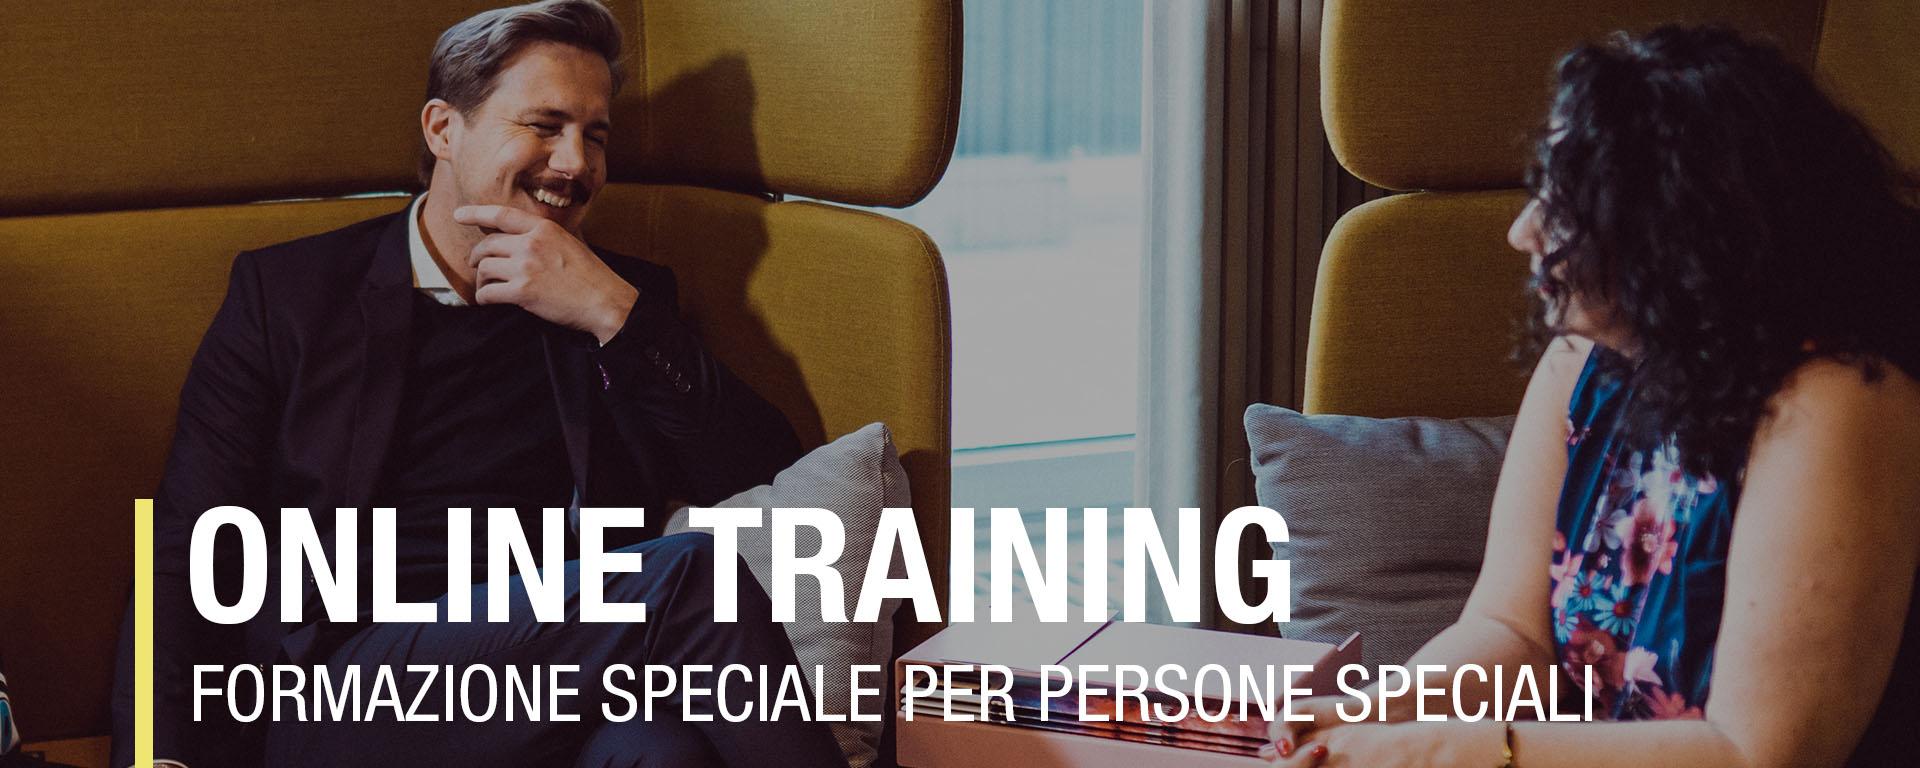 Formazione alla comunicazione, formazione alla presentazione, presentazione online, riunioni online, leadership digitale